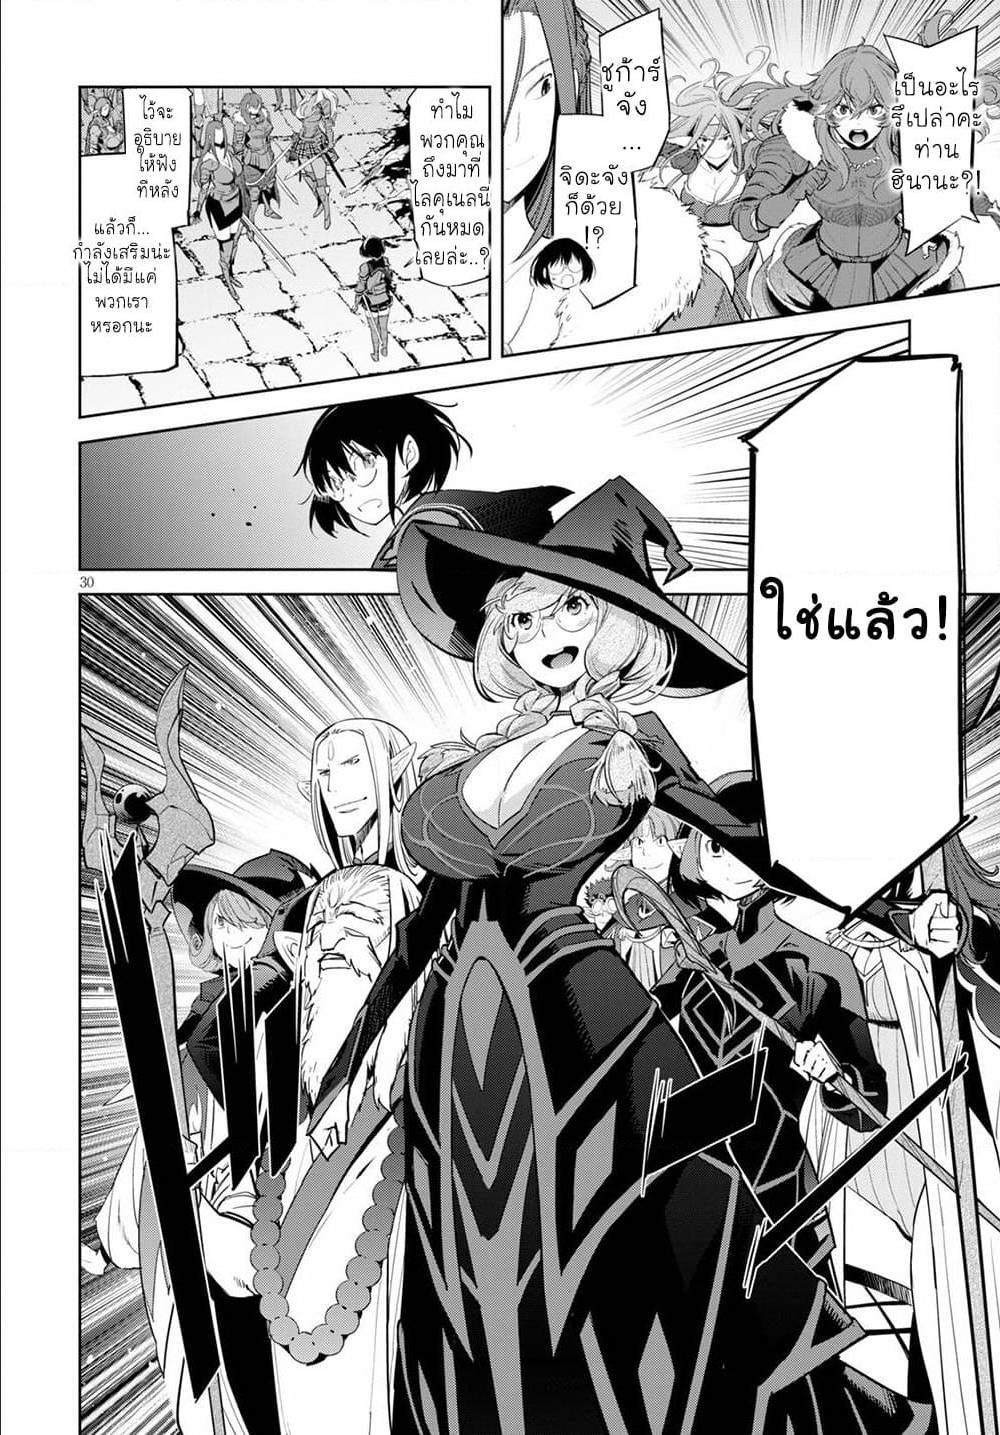 อ่านการ์ตูน Game obu Familia - Family Senki ตอนที่ 29 หน้าที่ 28